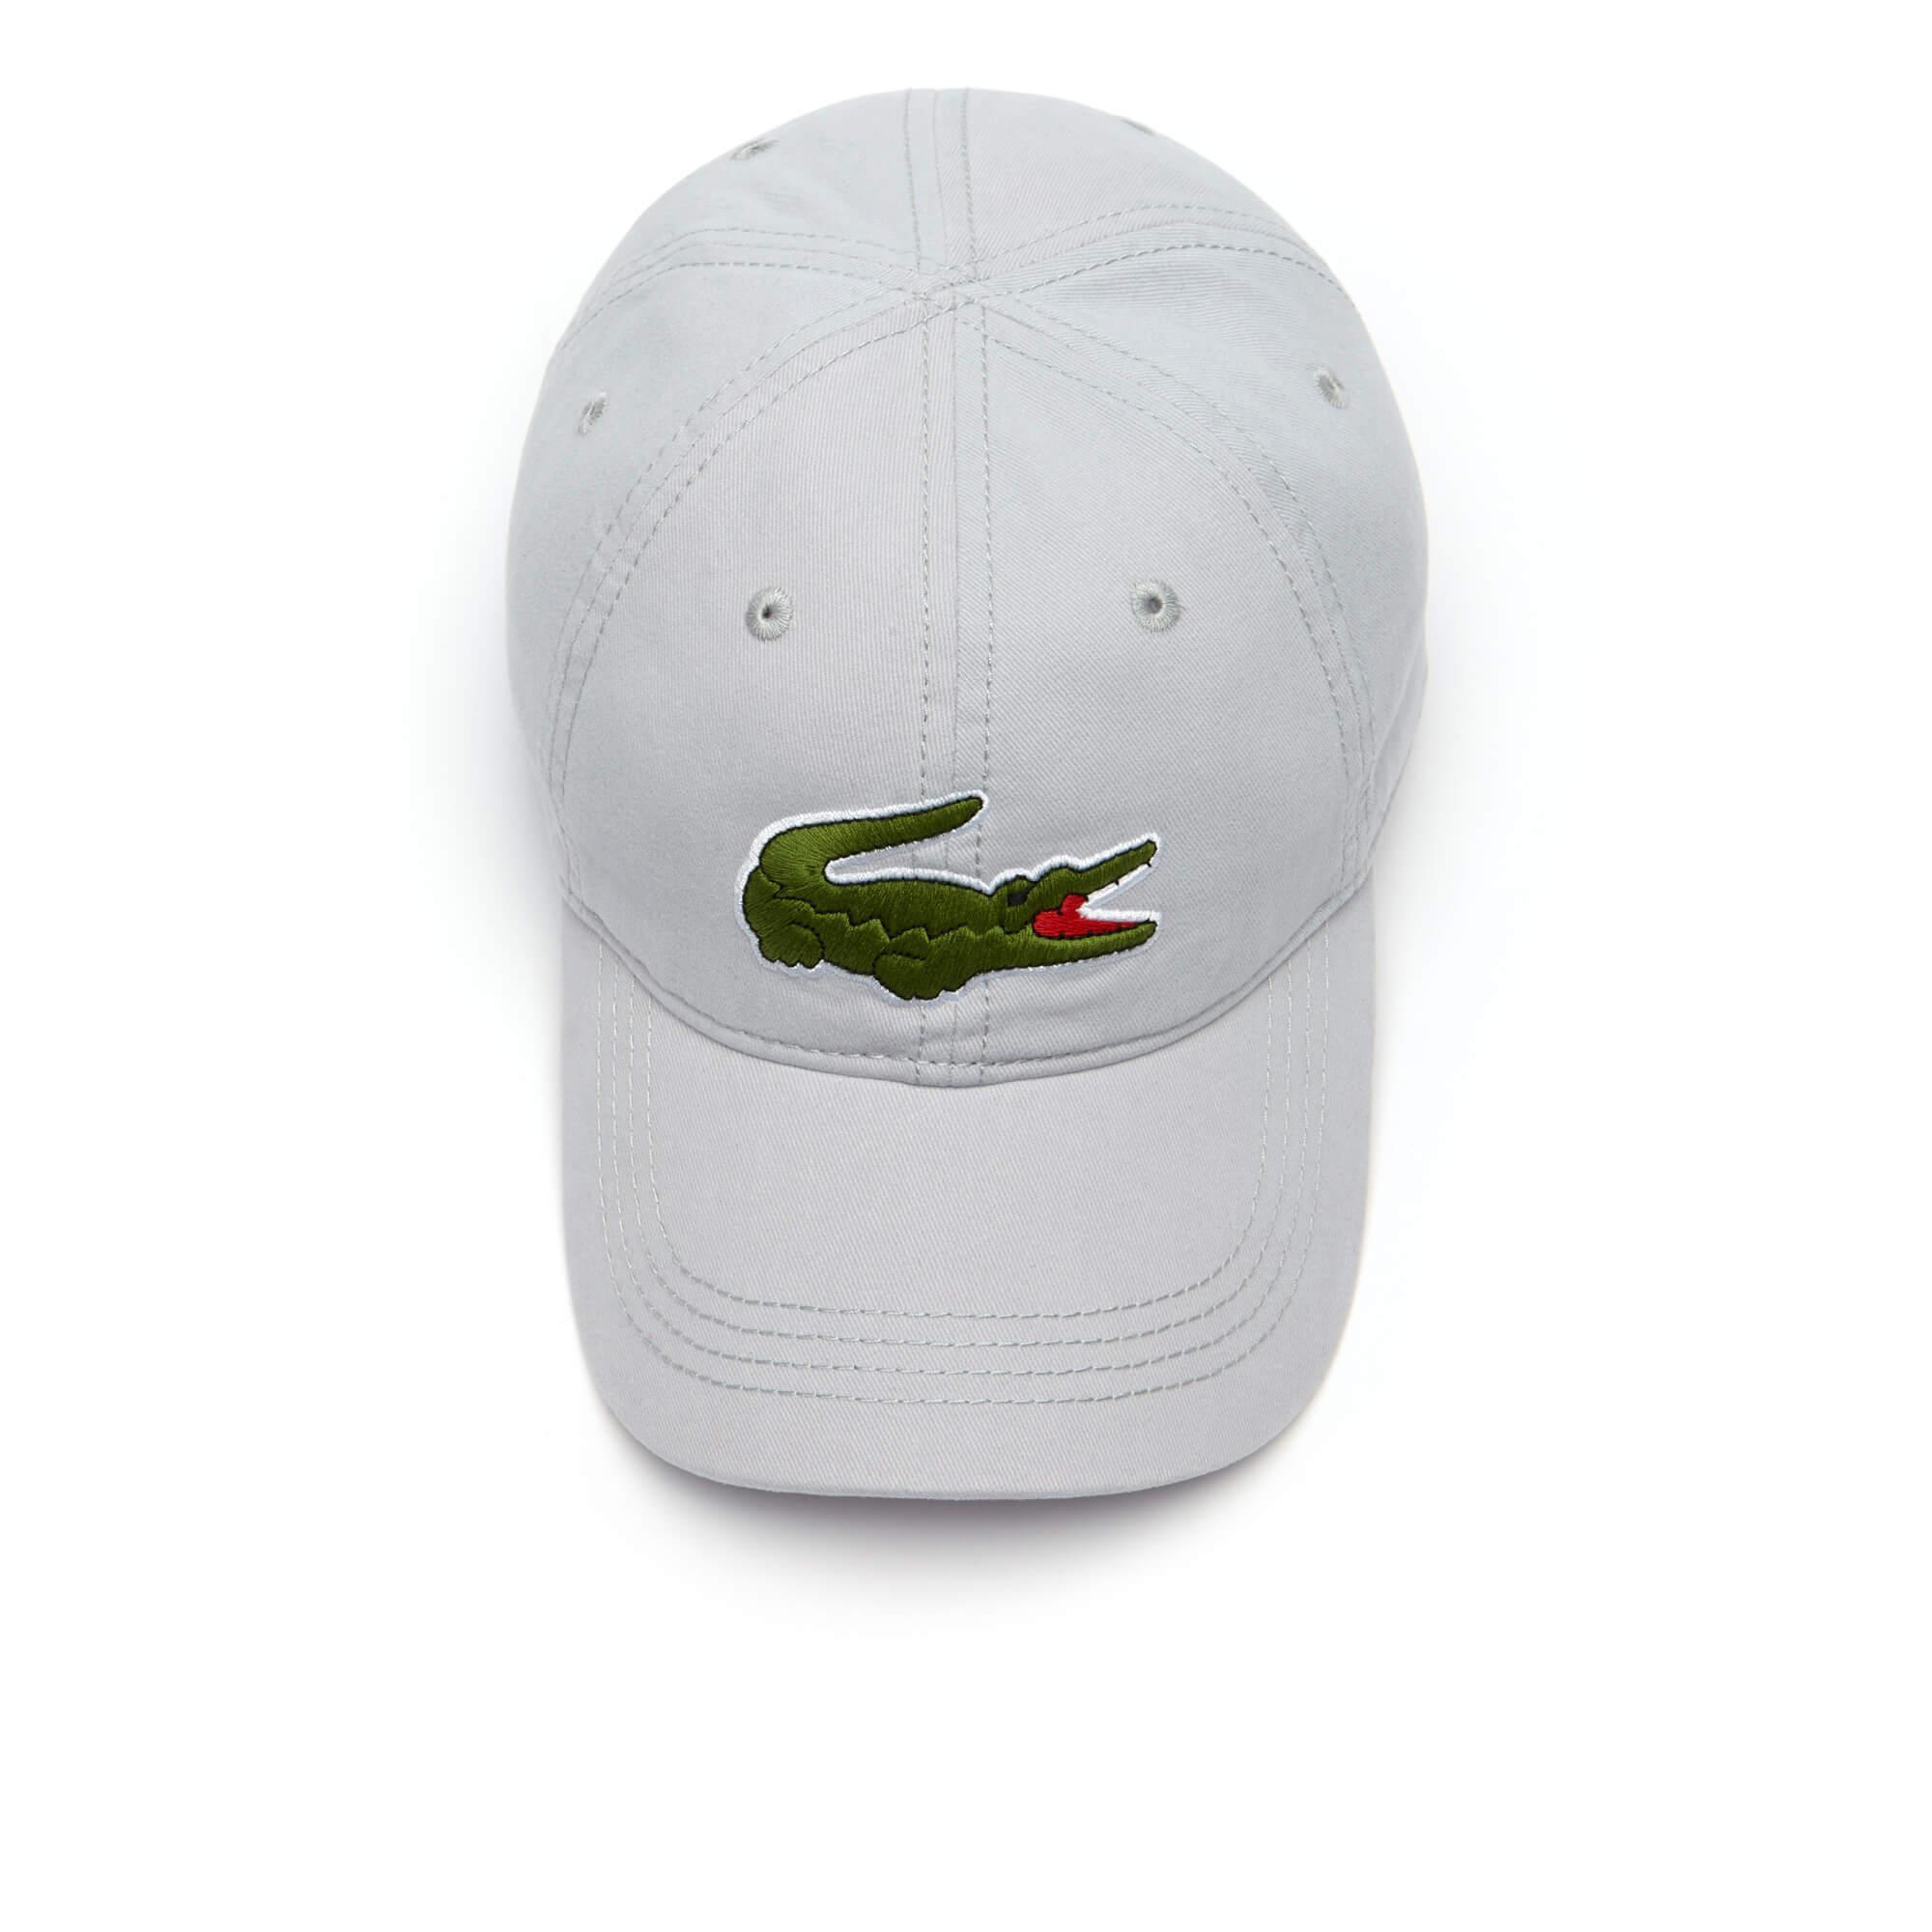 Lacoste Erkek Gri Spor Şapka